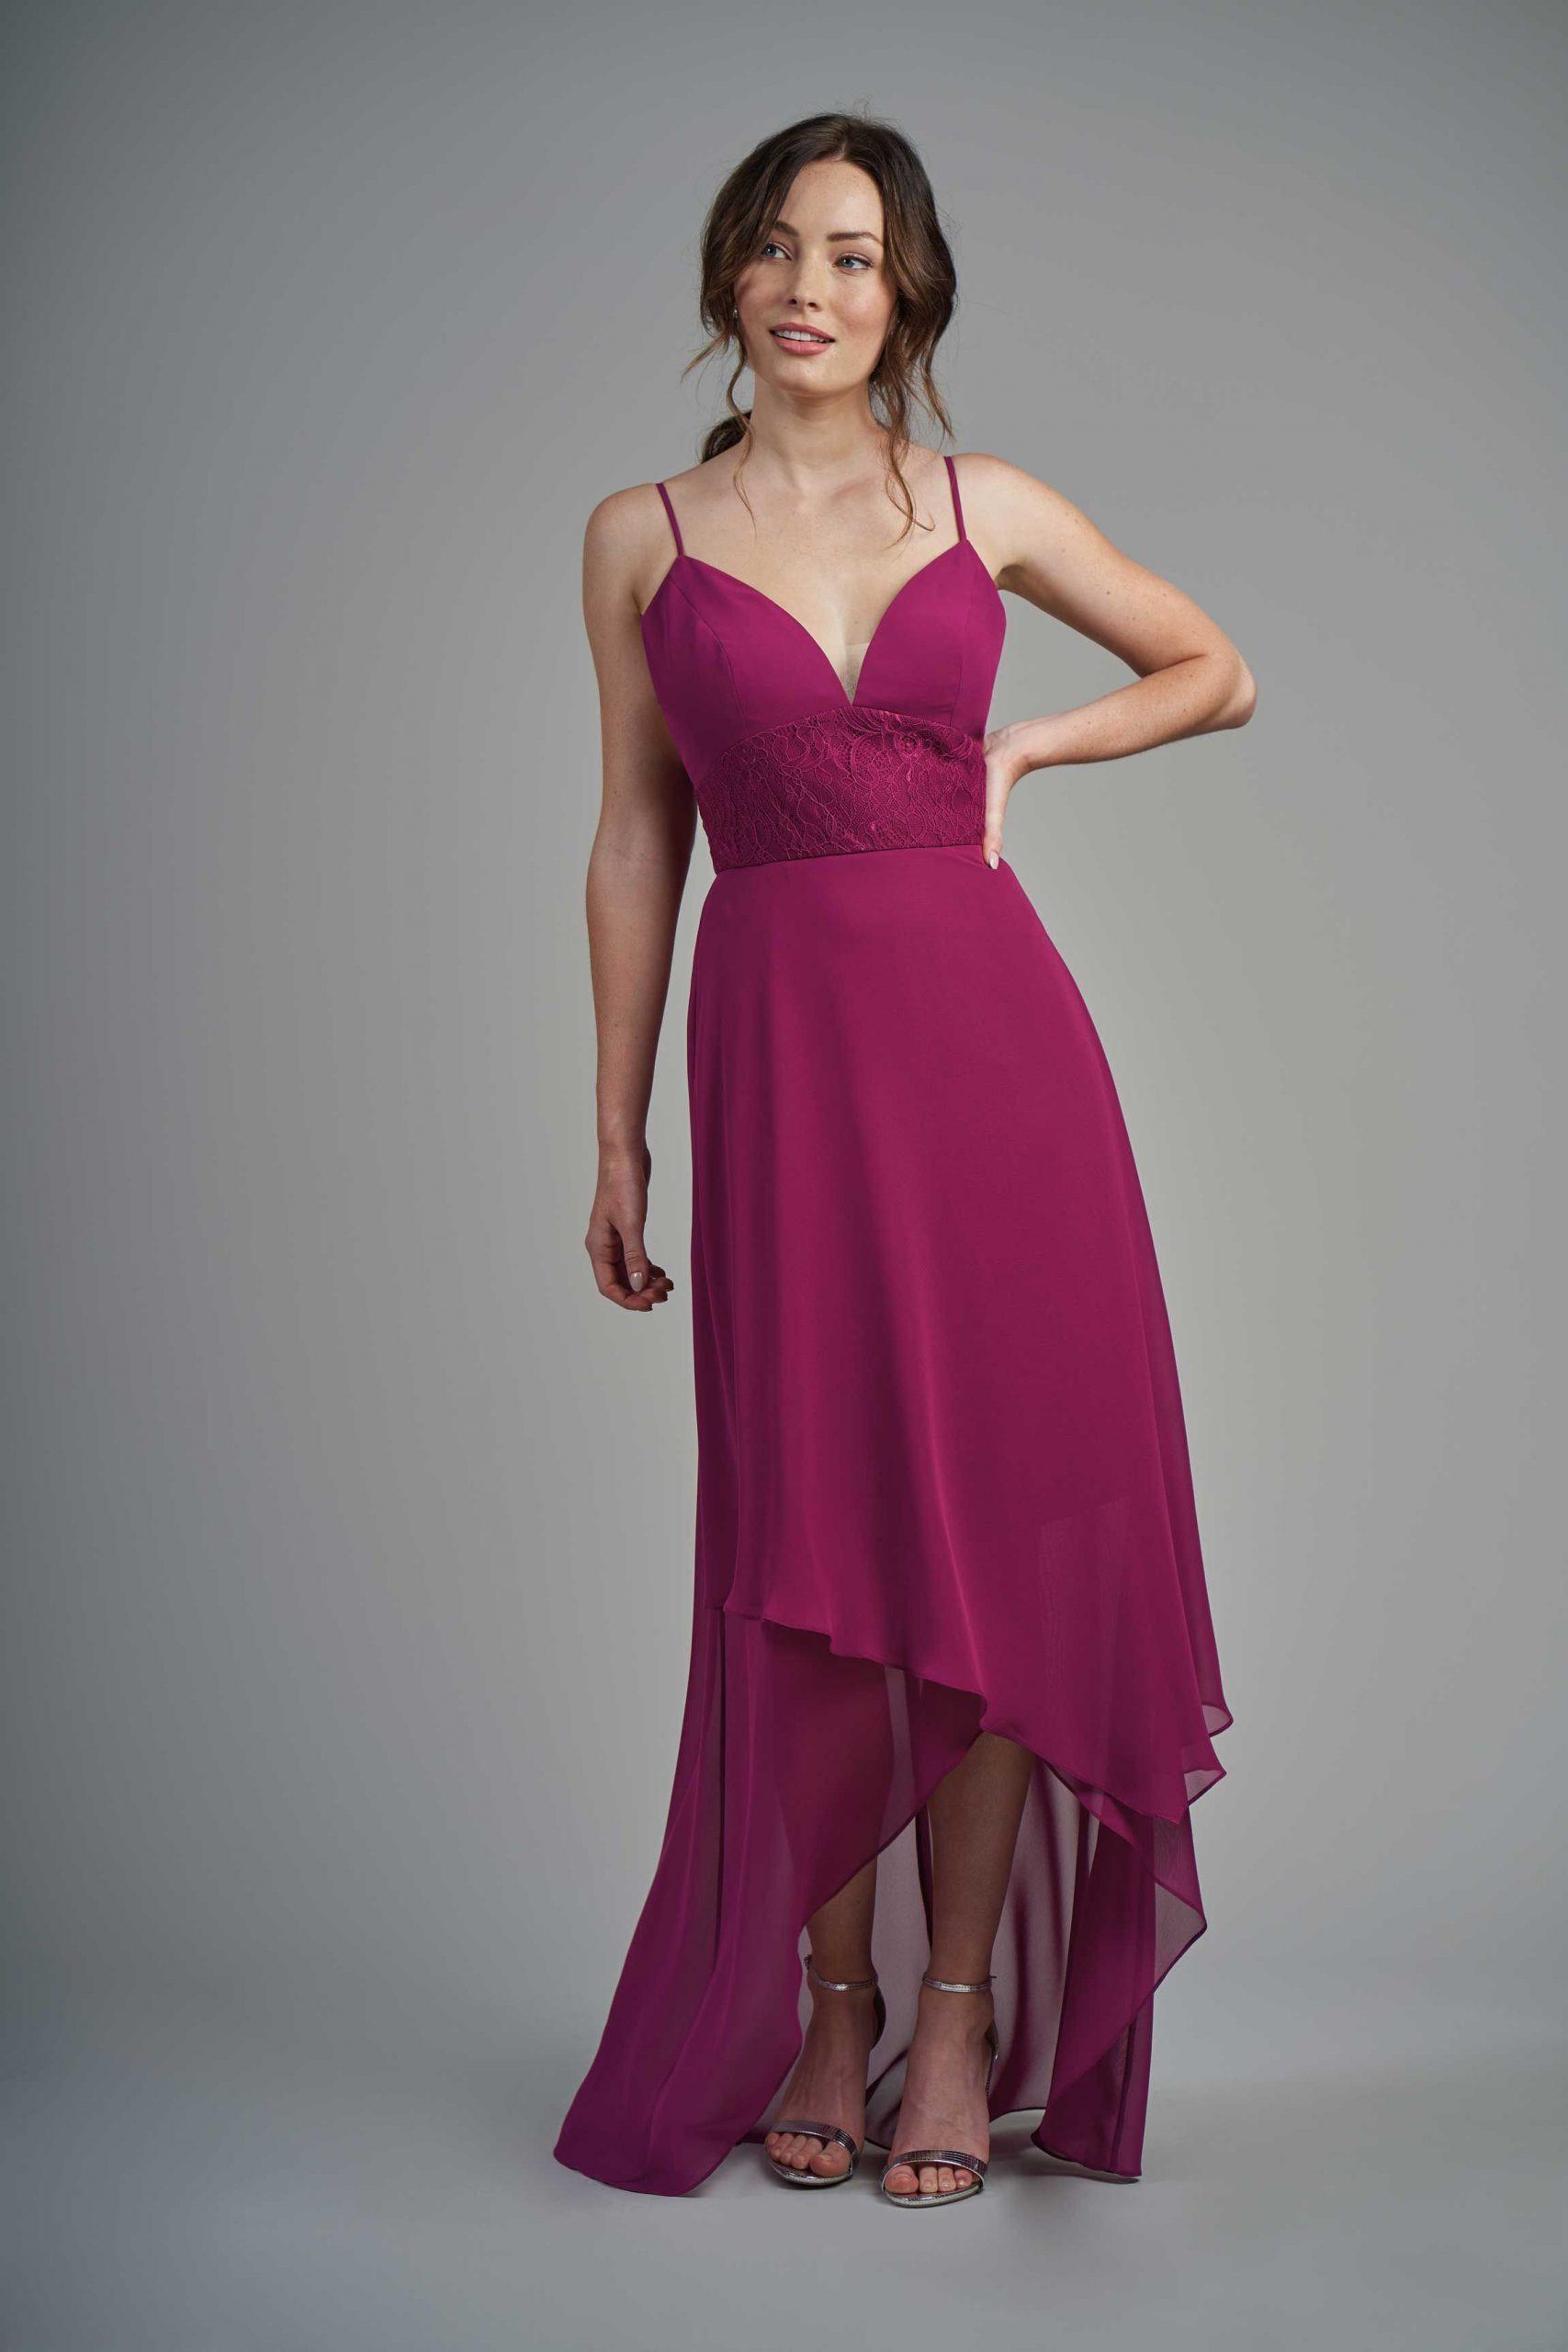 20 Schön Abendkleider Festliche Abendbekleidung Design Luxus Abendkleider Festliche Abendbekleidung Vertrieb